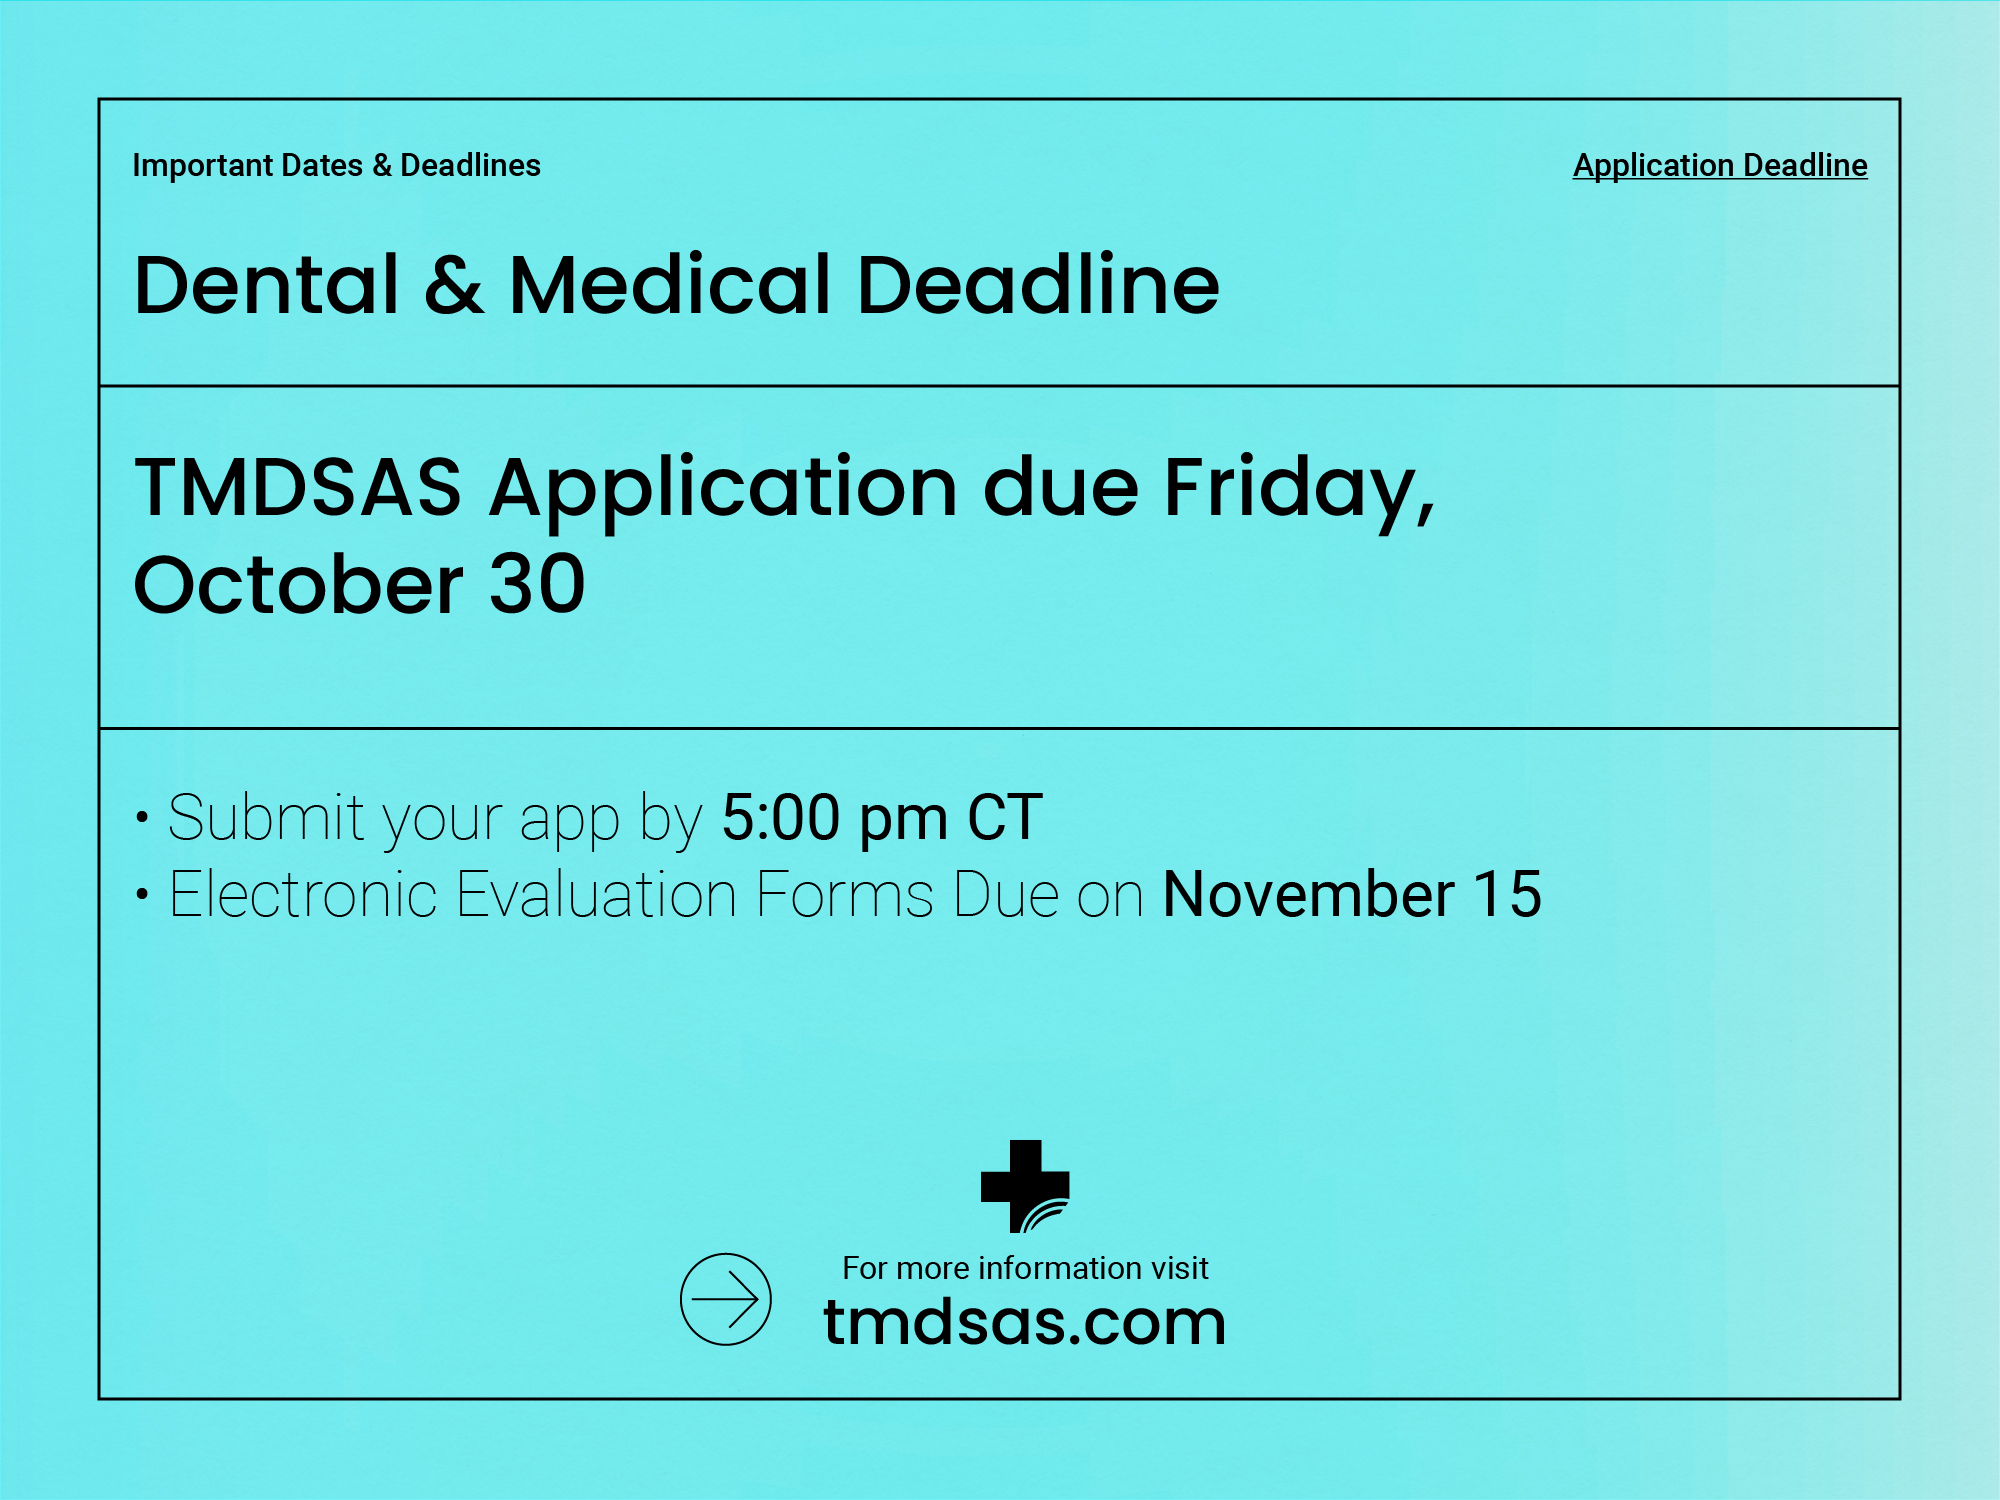 Dental & Medical app deadline due Friday October 30